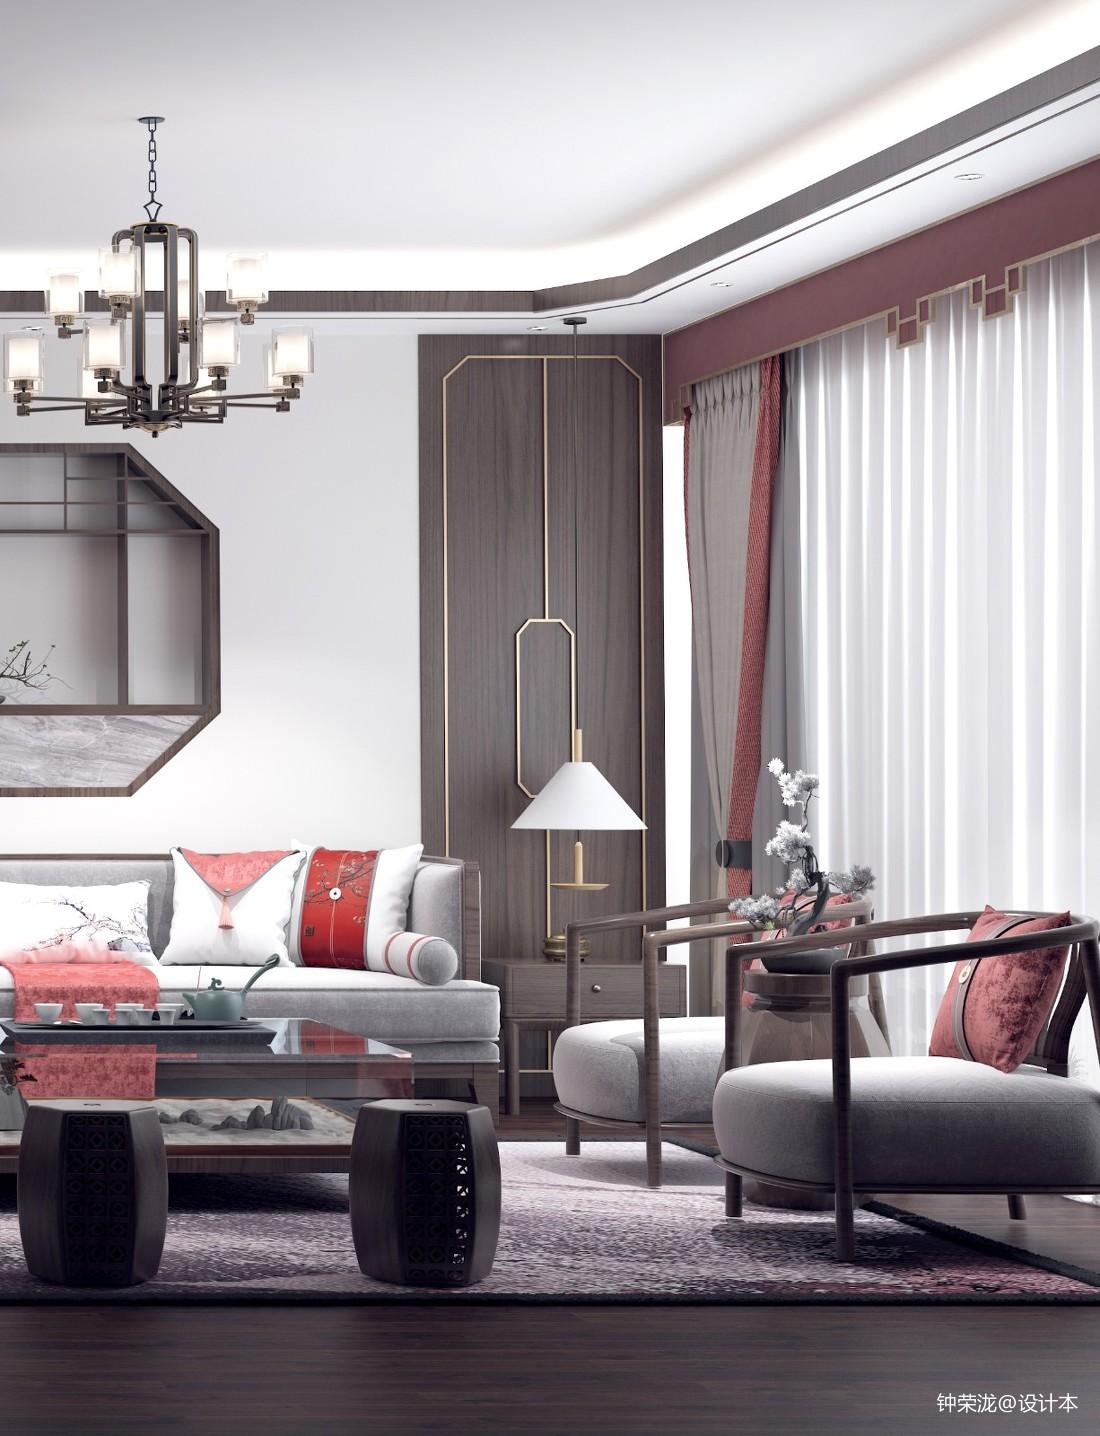 《中國紅》新中式風格家裝客餐廳設計_3916743